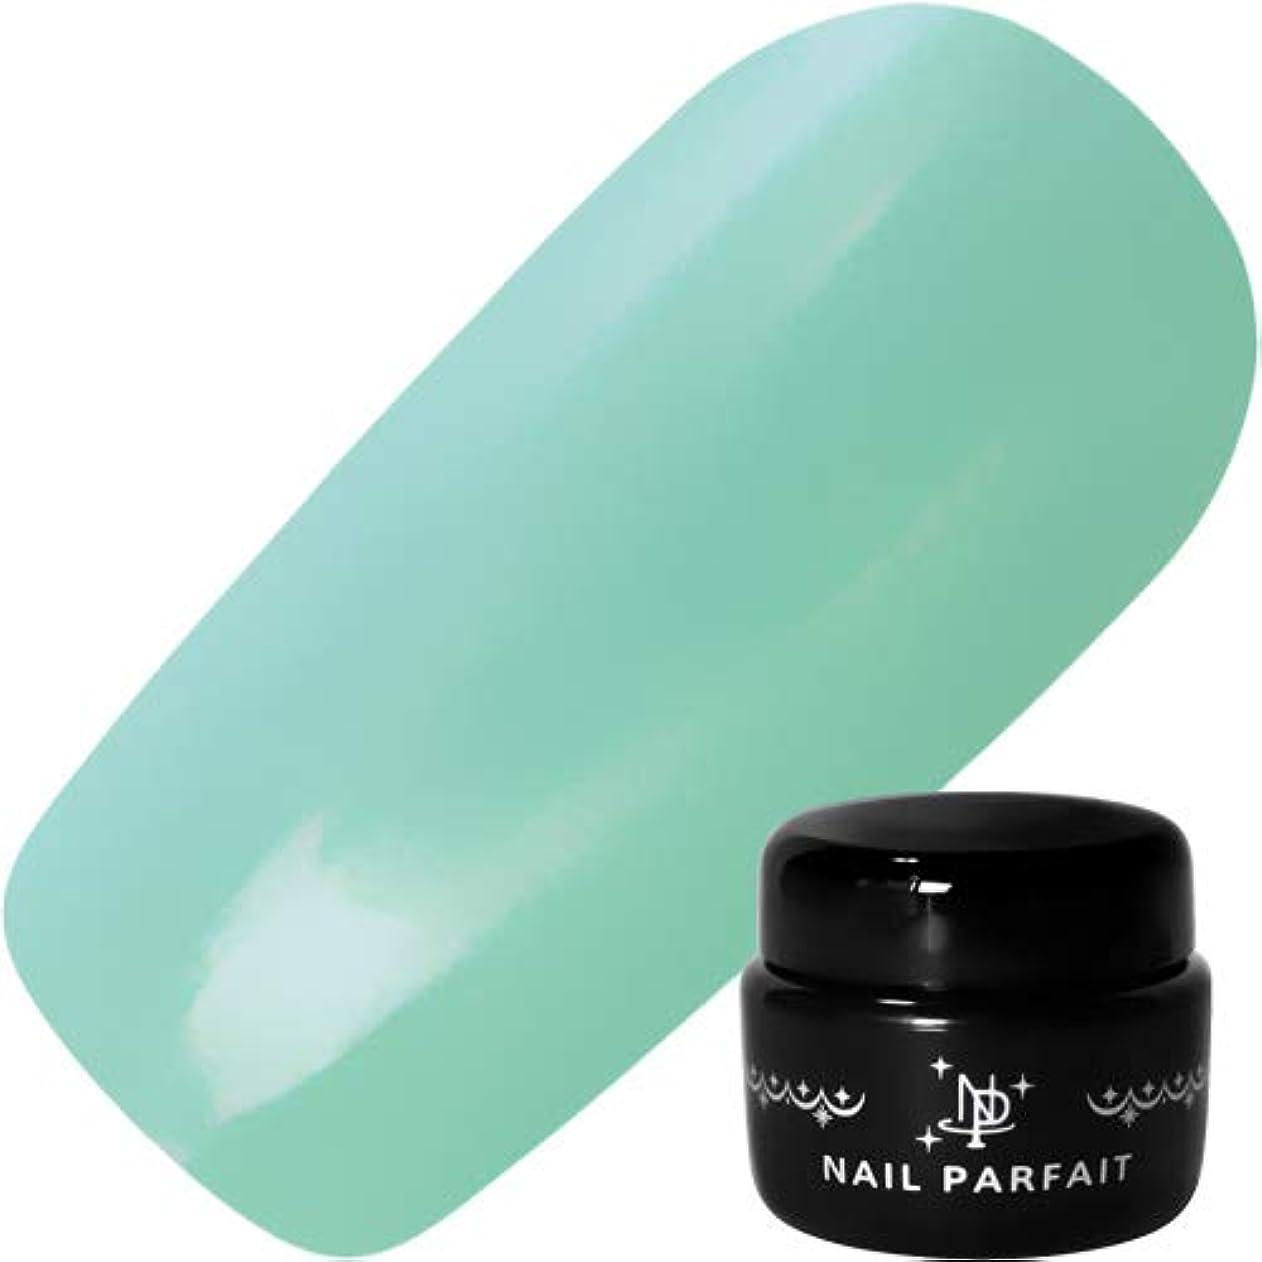 NAIL PARFAIT ネイルパフェ カラージェル A54ペールグリーン 2g 【ジェル/カラージェル?ネイル用品】